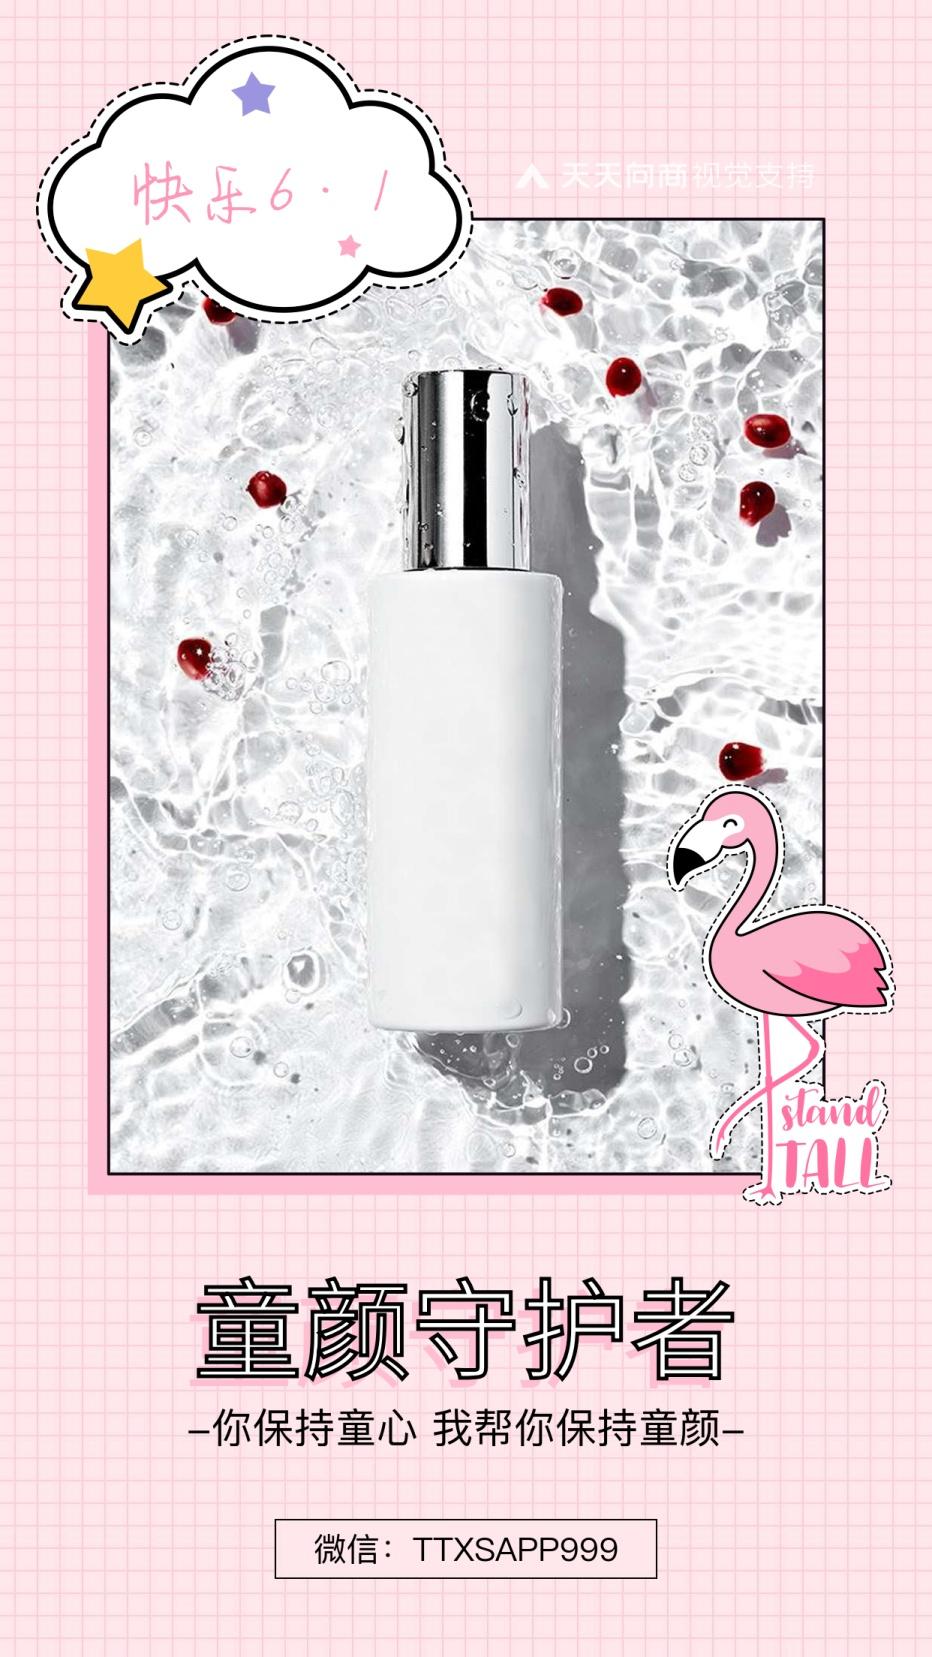 火烈鸟美容美妆产品展示